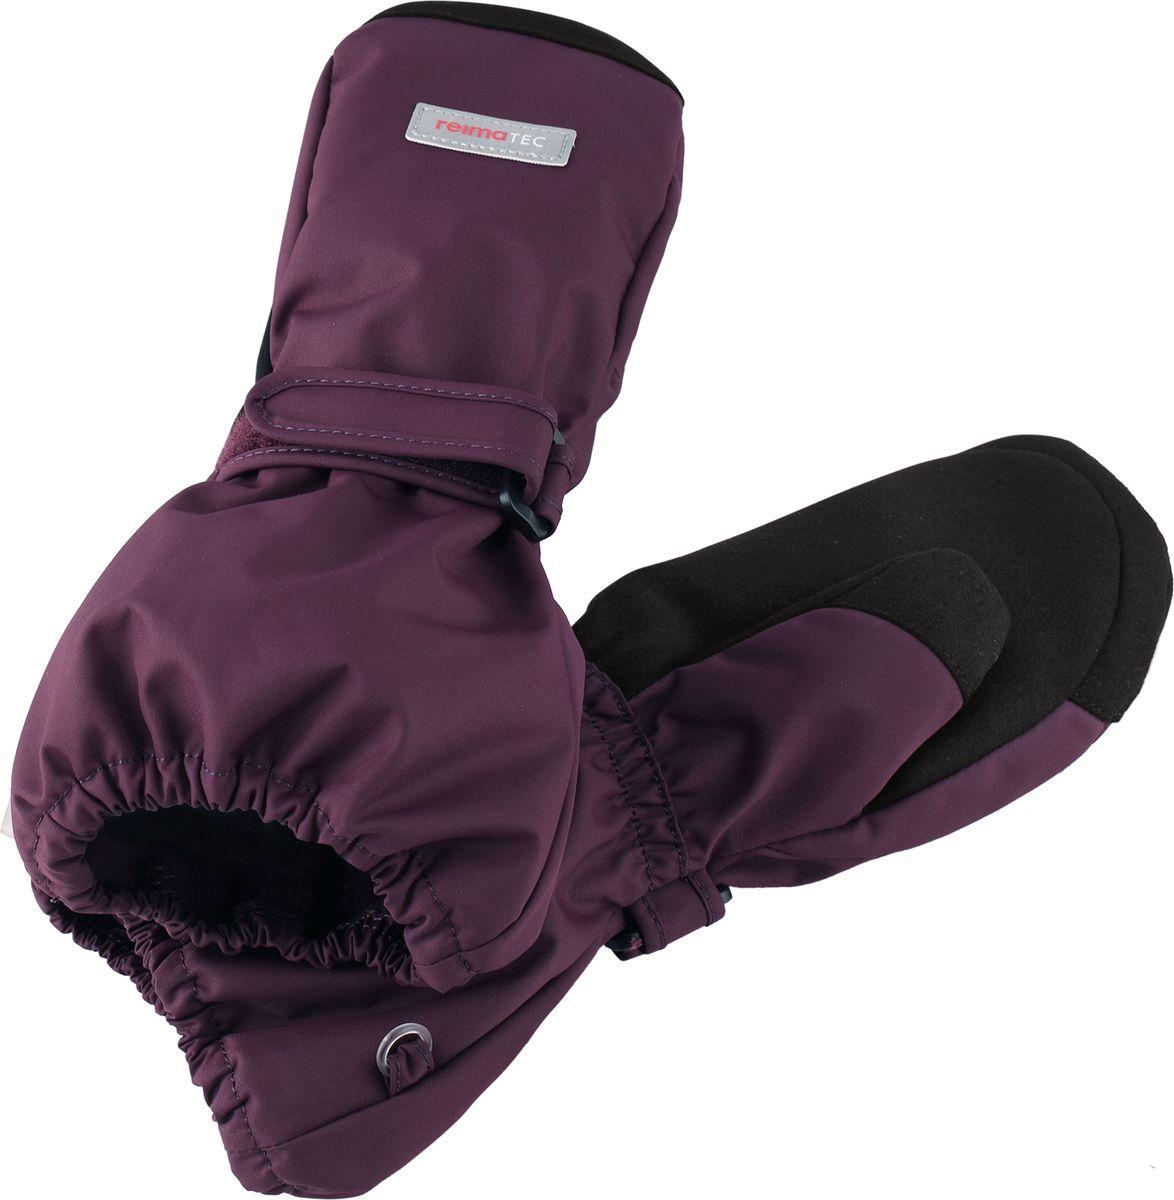 Варежки детские Reima Reimatec Ote, цвет: фиолетовый. 5272884960. Размер 2